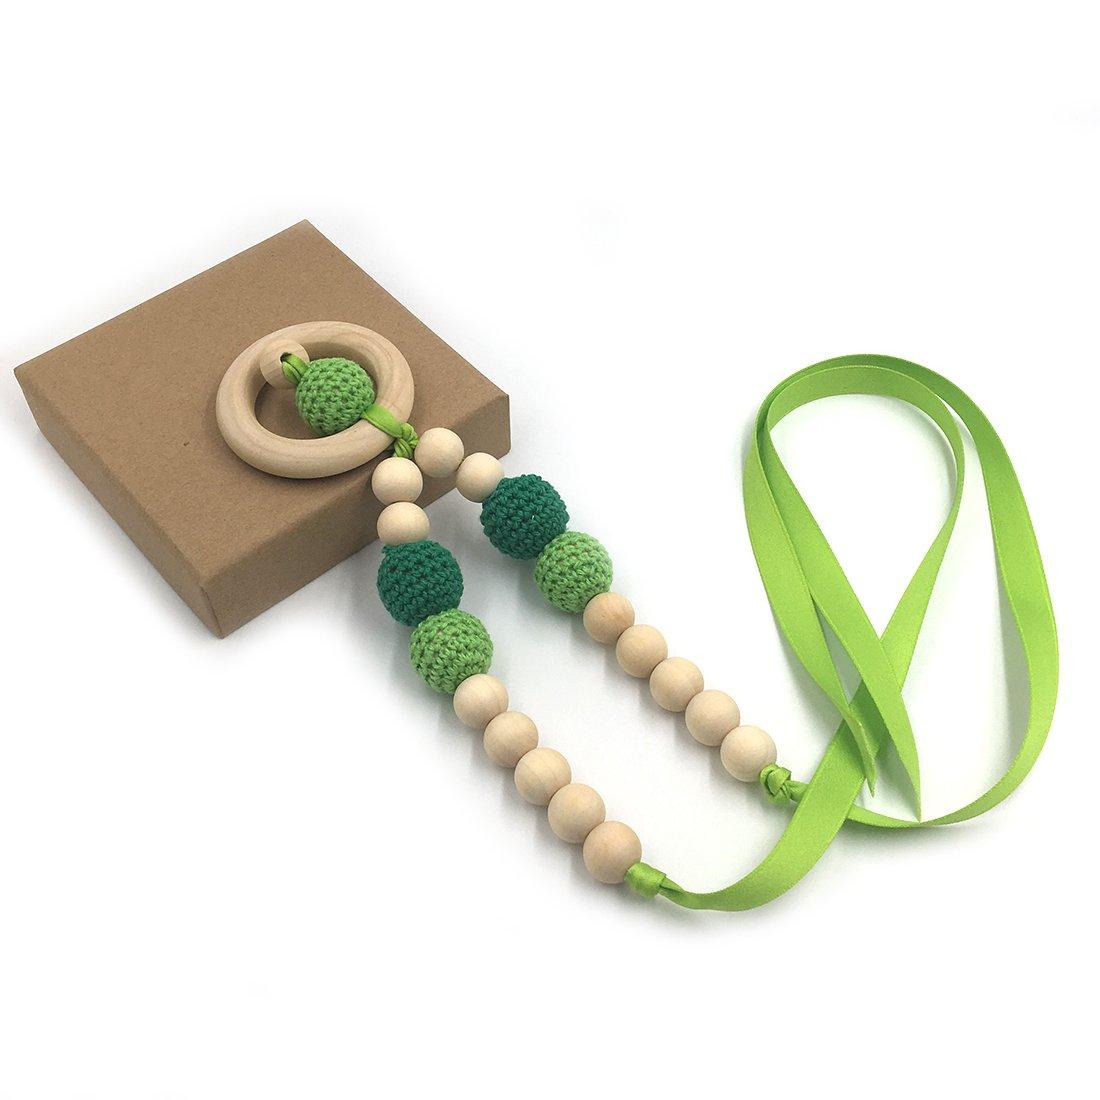 Agua Coskiss Collares de ganchillo Collar de dentici/ón de beb/é Collar de dentici/ón seguro con juguete de madera natural org/ánica Mam/á Collar de dientes de madera para ni/ños